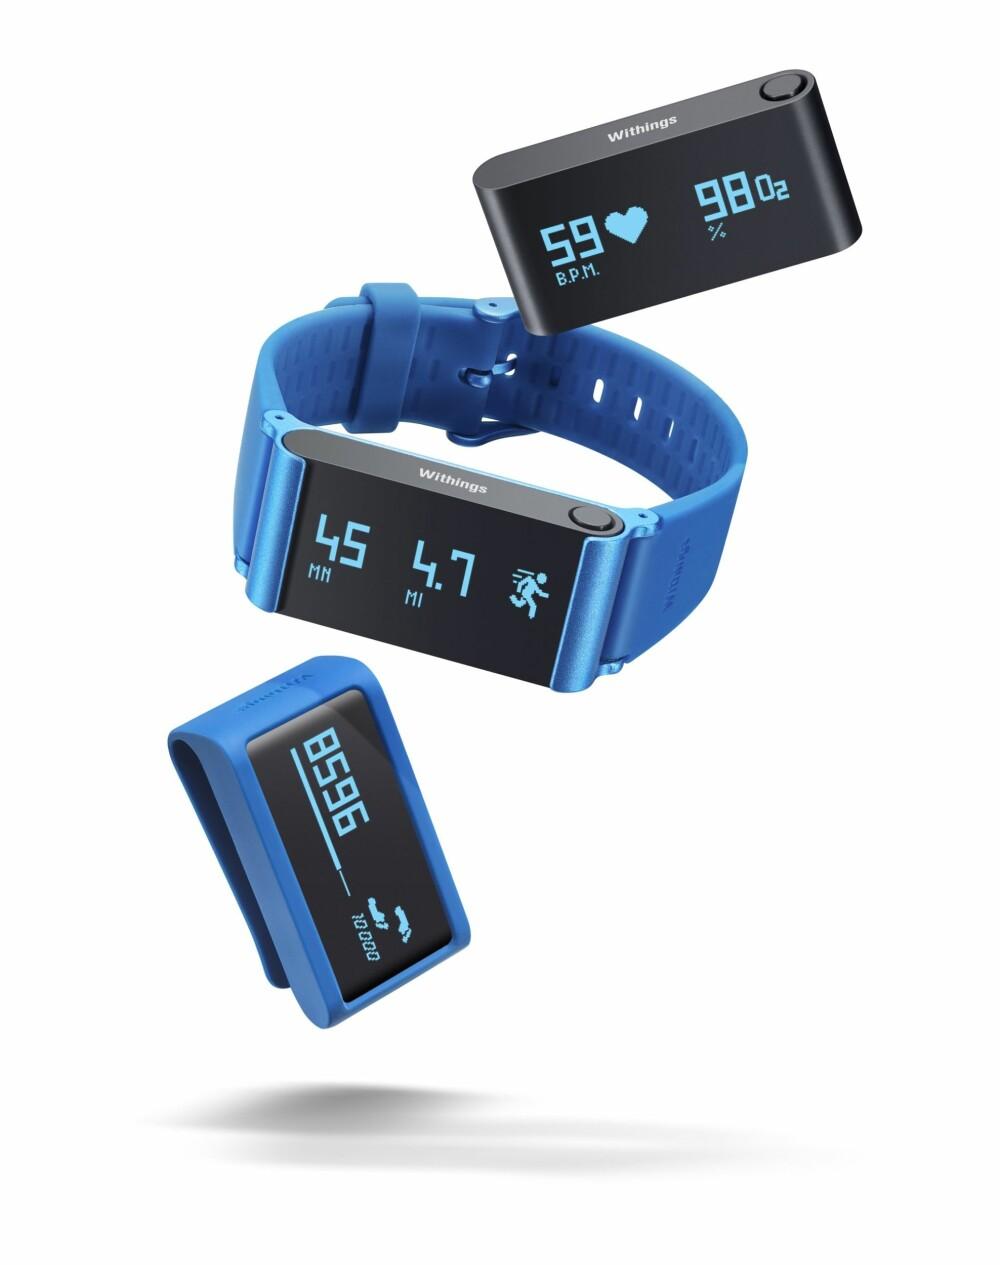 FLEKSIBEL: Pulse Ox fra Whitings er et fleksibelt aktivitetsarmbånd som kan brukes både som armbånd og som et klips i beltet.